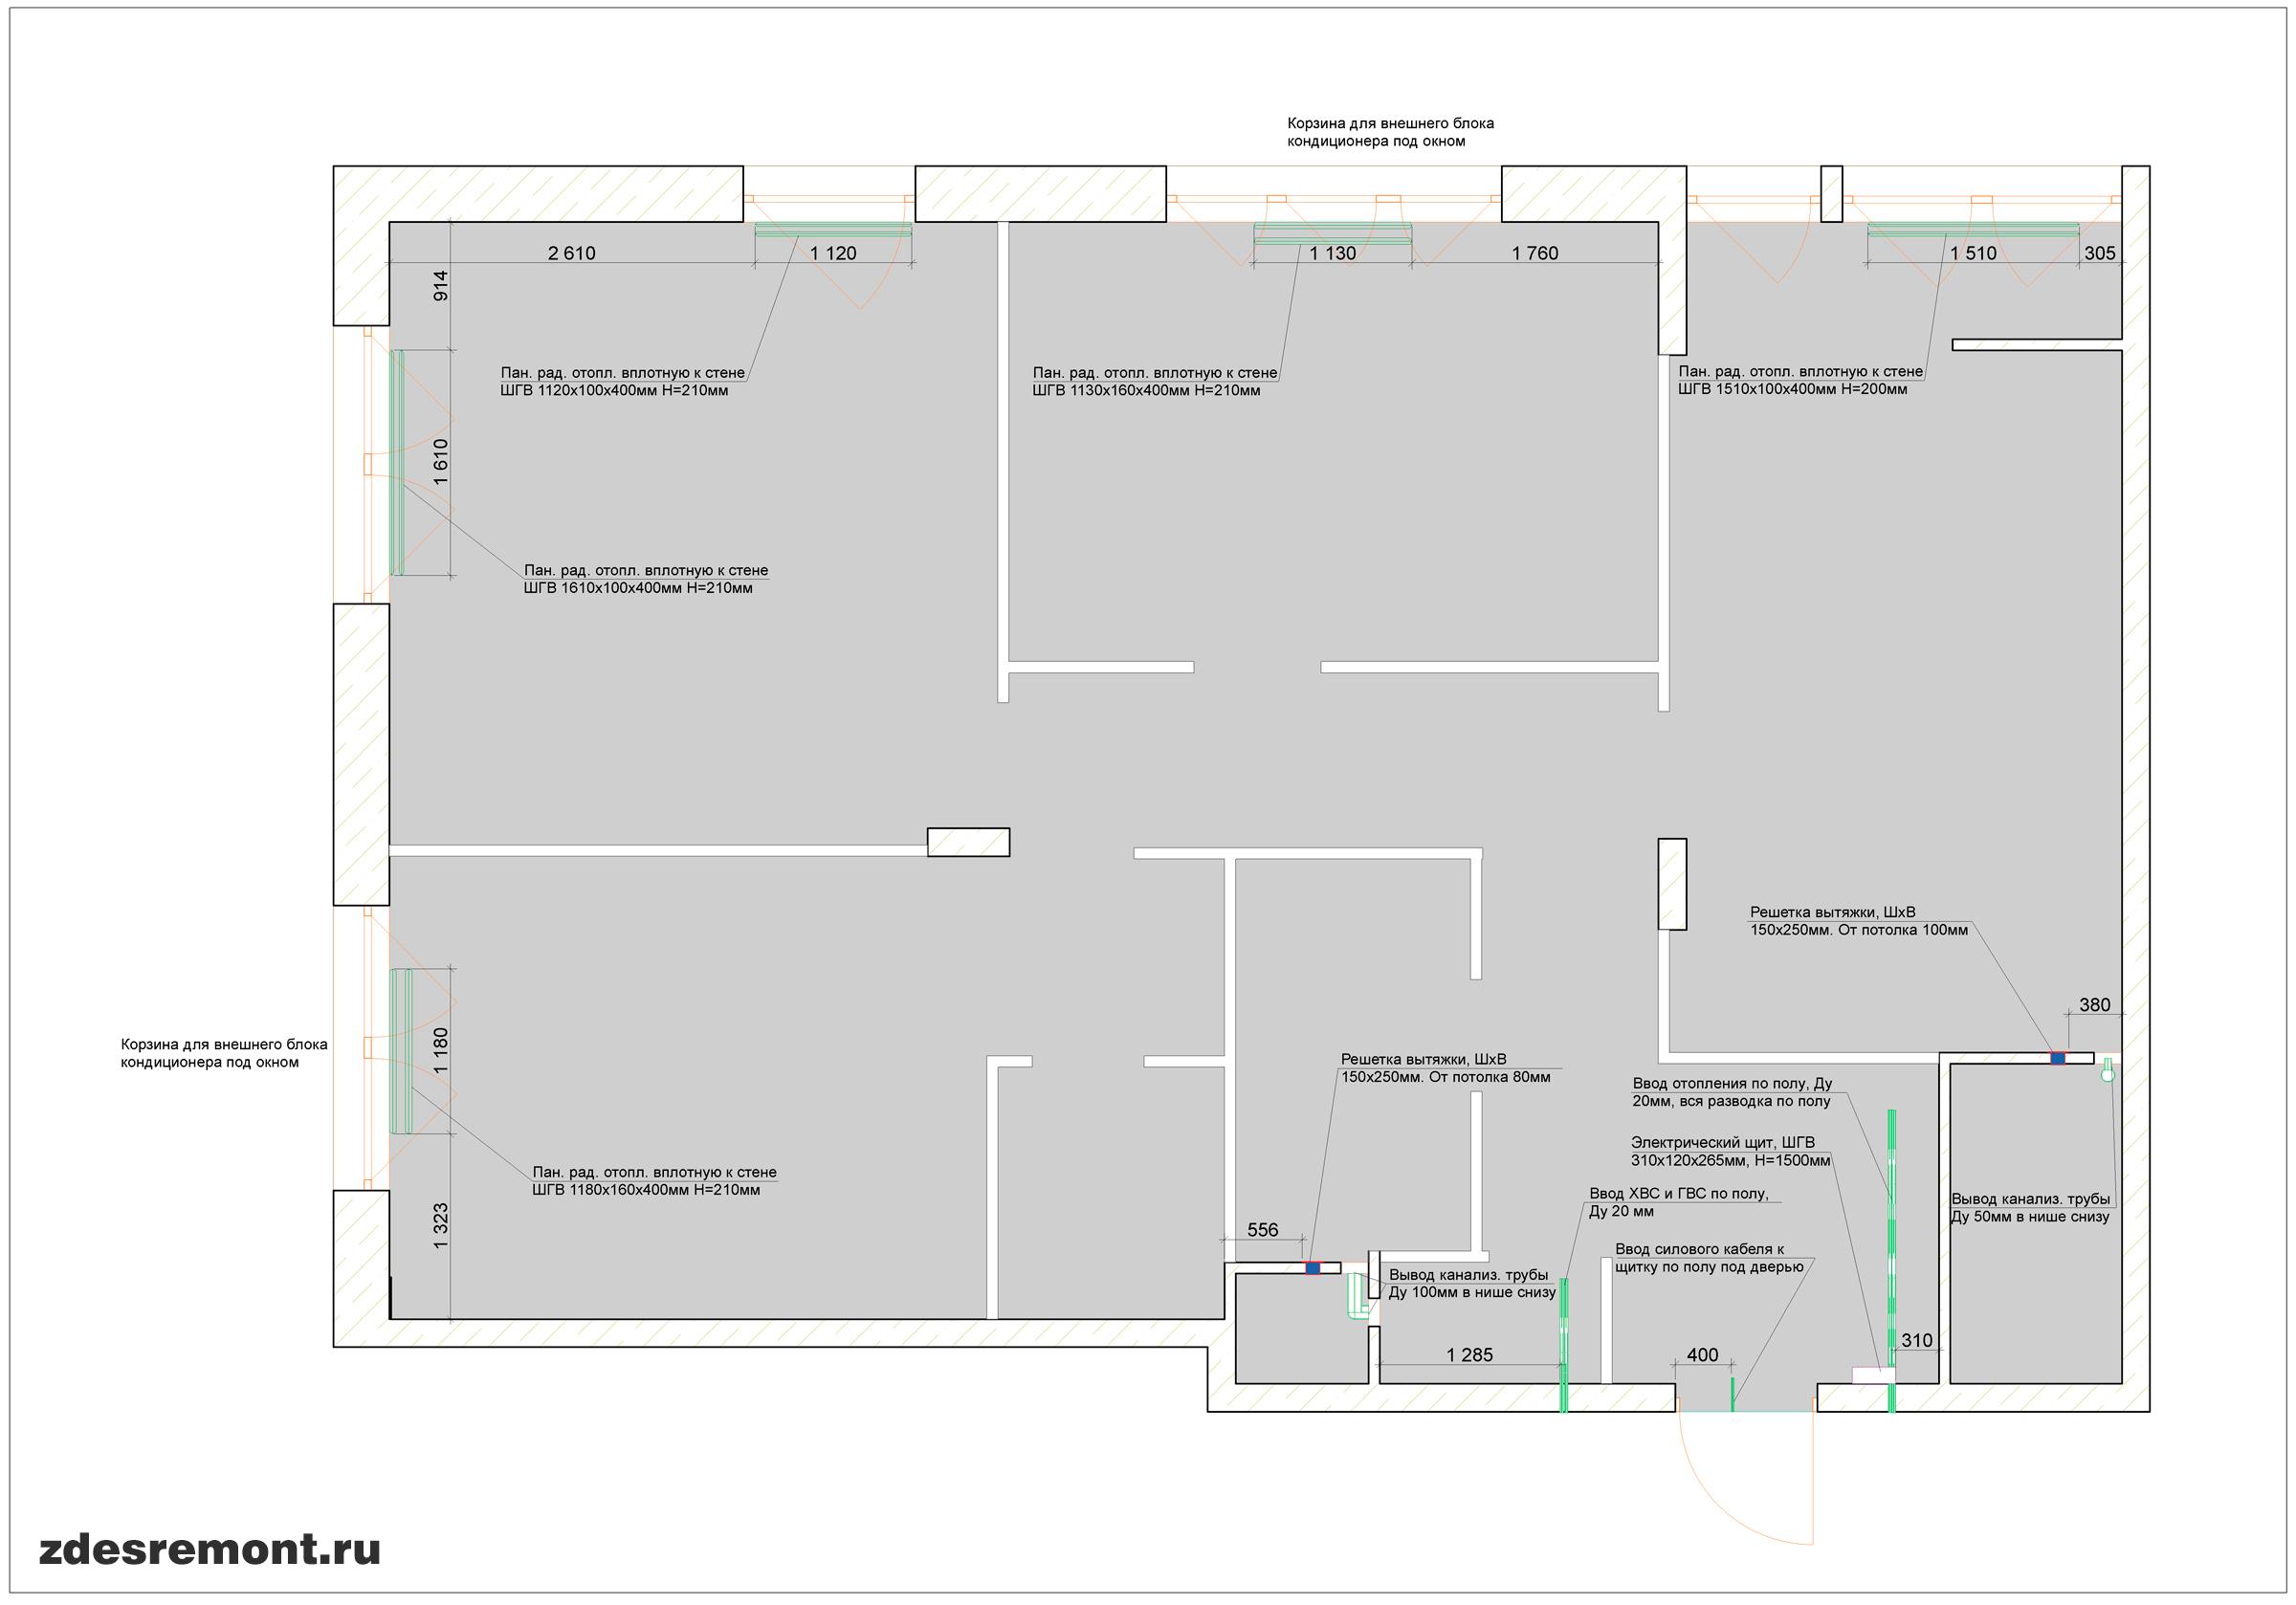 Обмер квартиры ArchiCad - инженерные системы